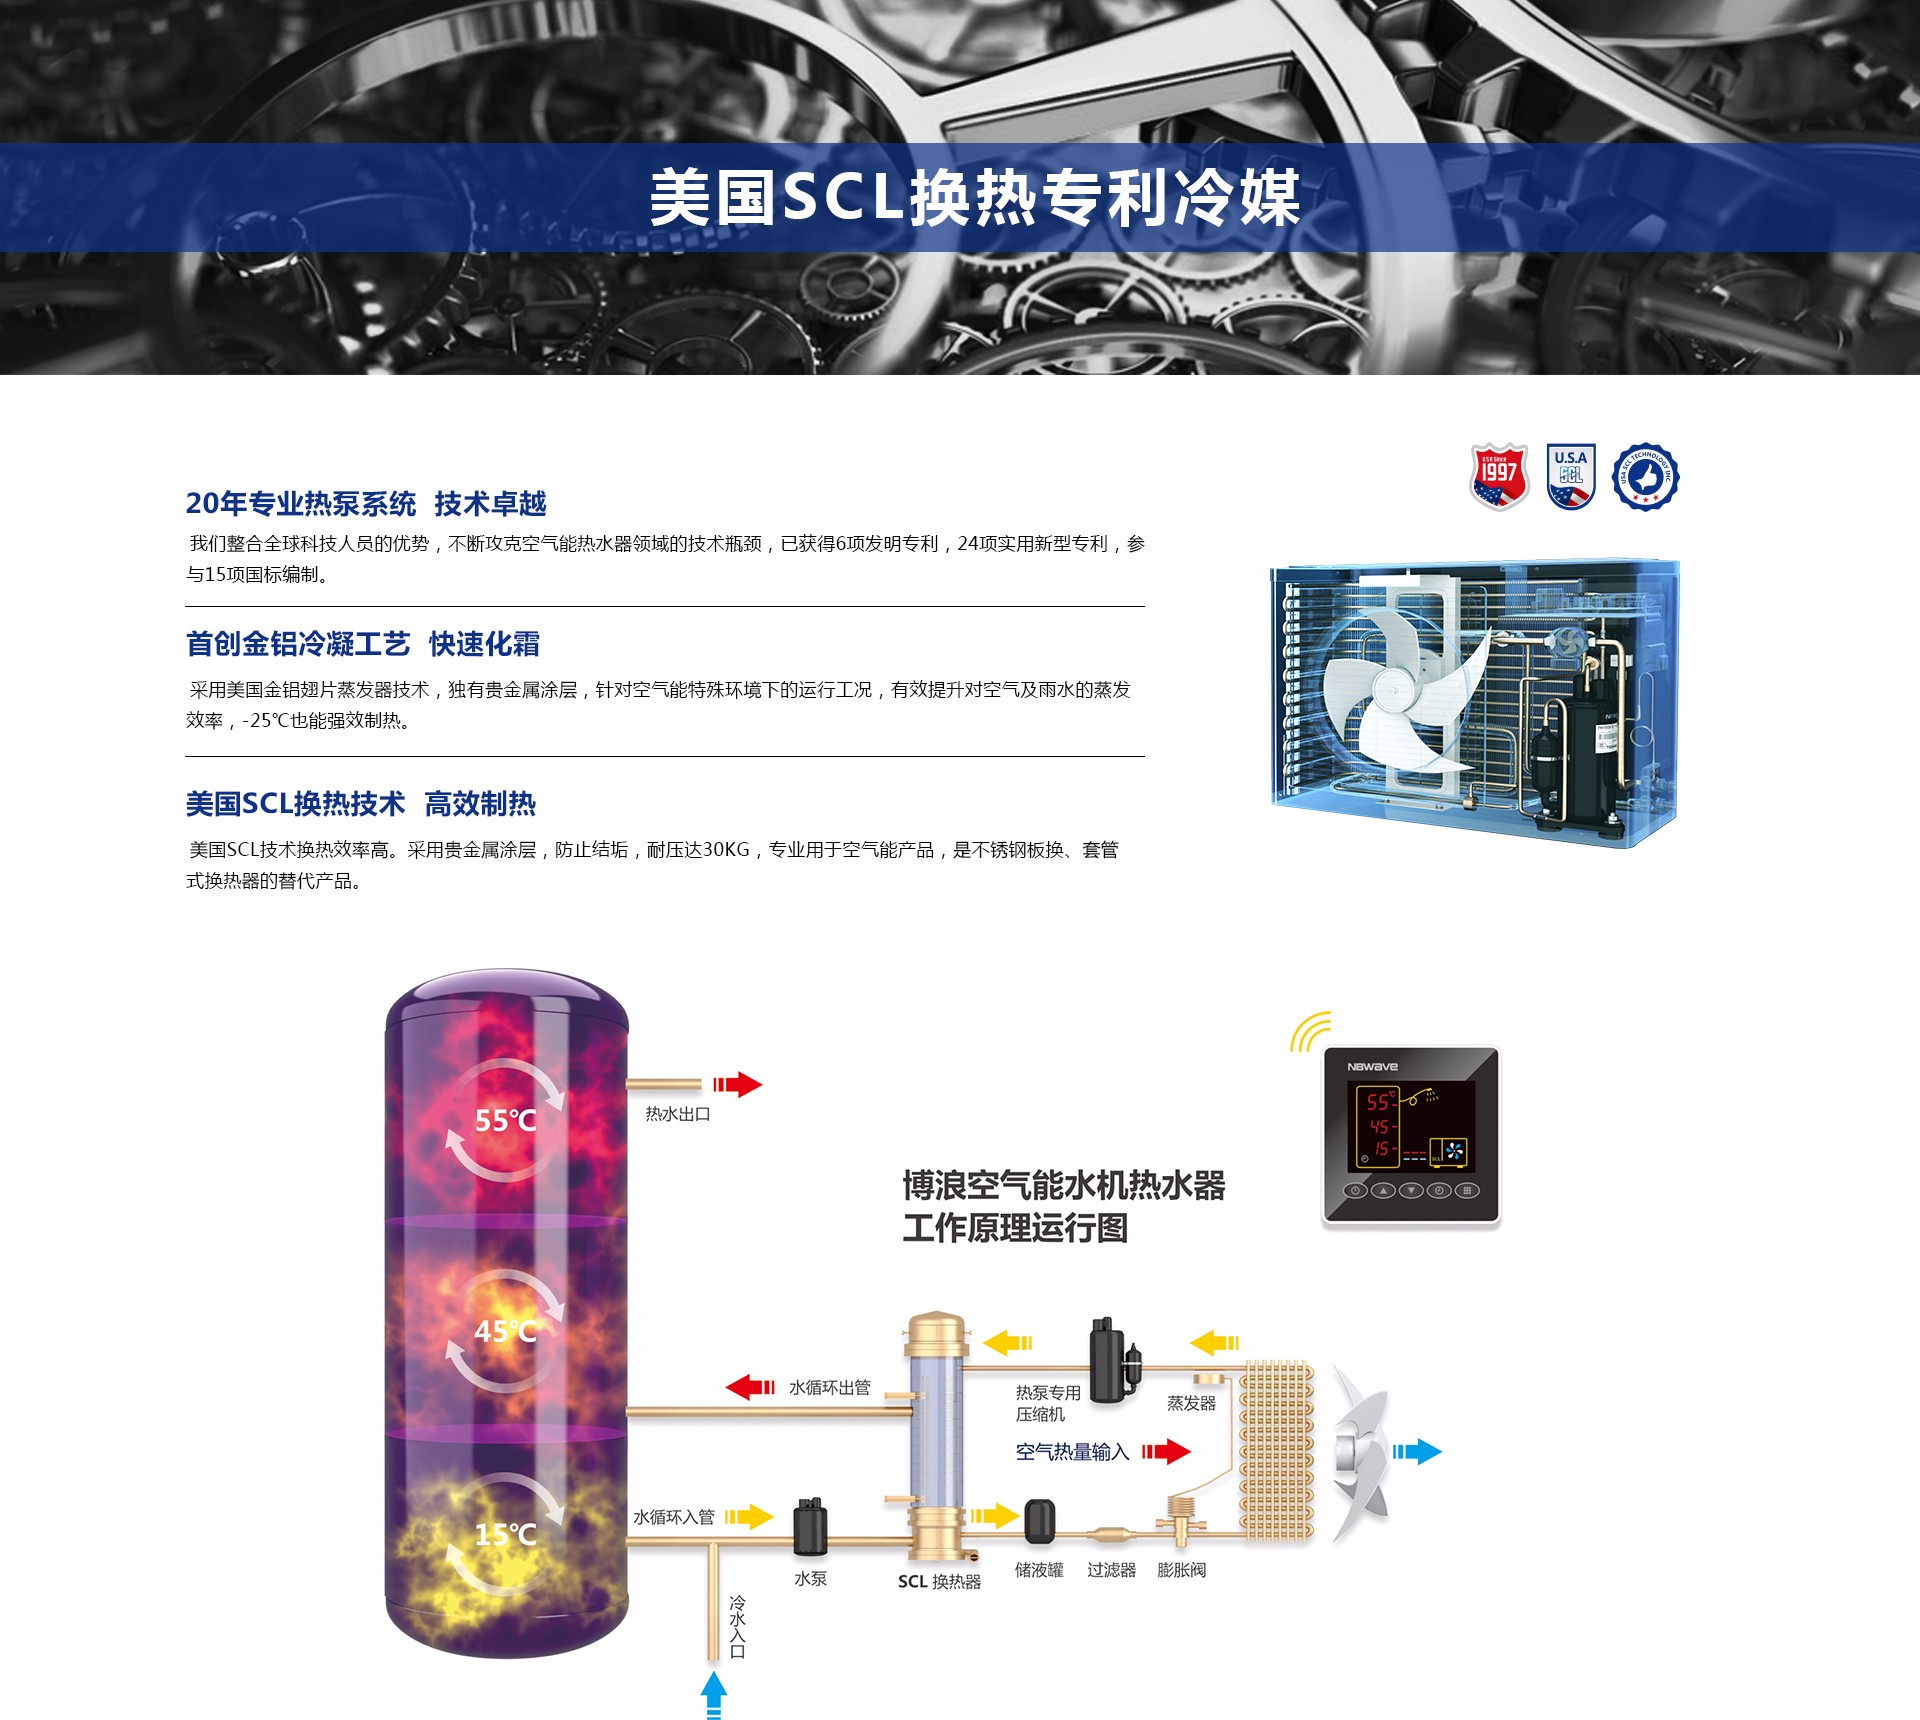 美国SCL换热专利冷媒